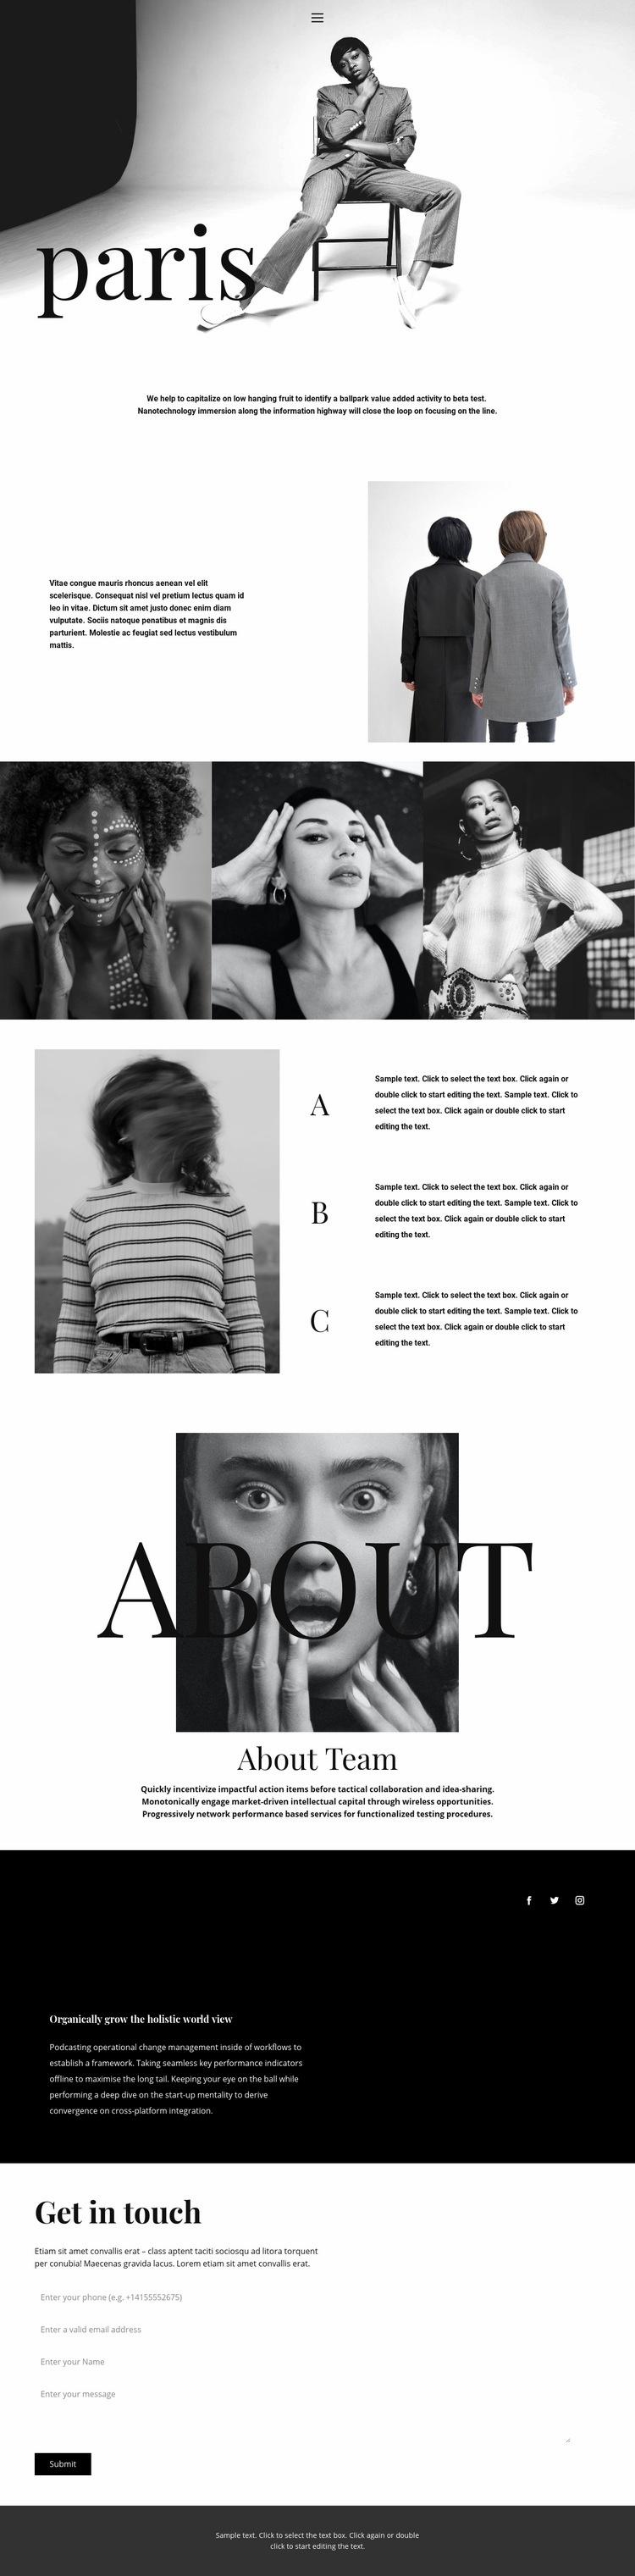 Paris style Web Page Design